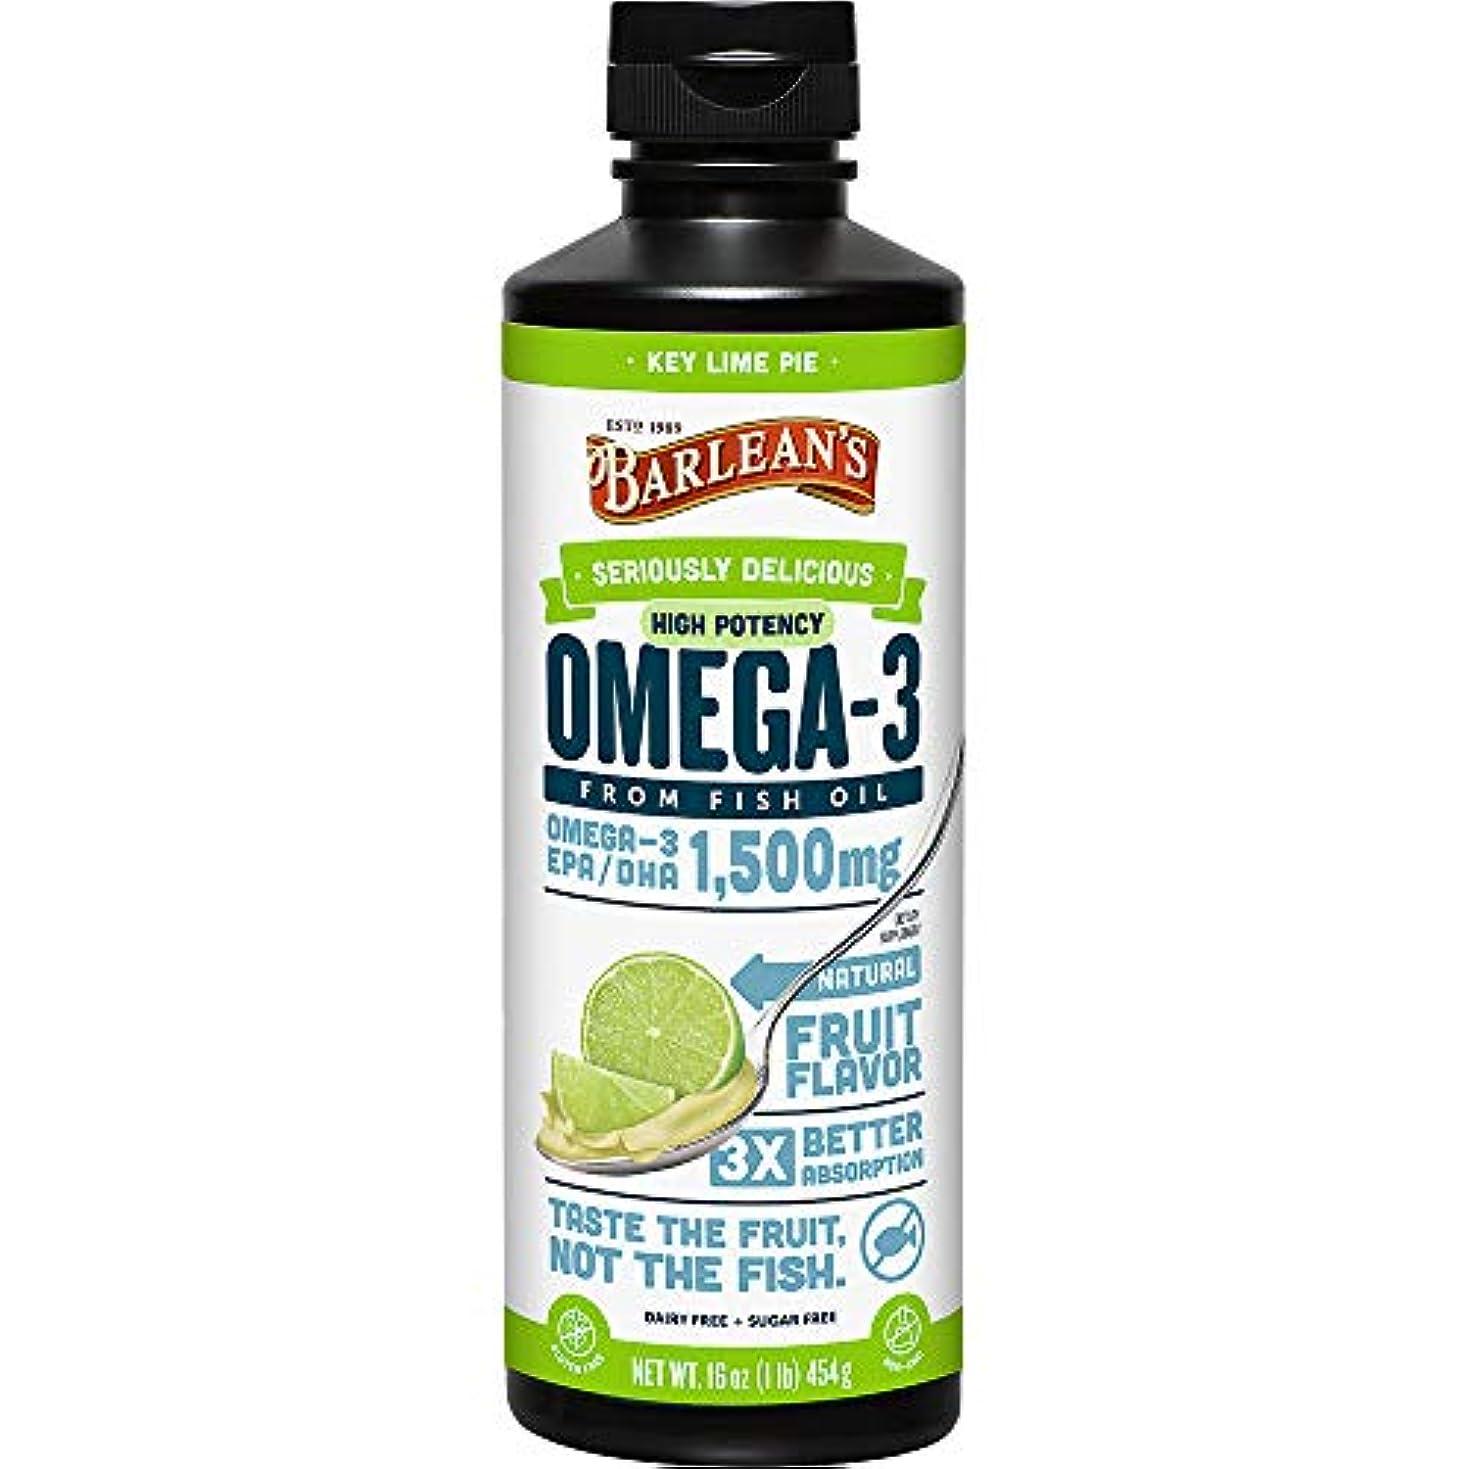 集中的な会計無効にするBarlean's - Omegaの渦巻の魚オイルの超高い潜在的能力Key石灰 1500 mg。16ポンド